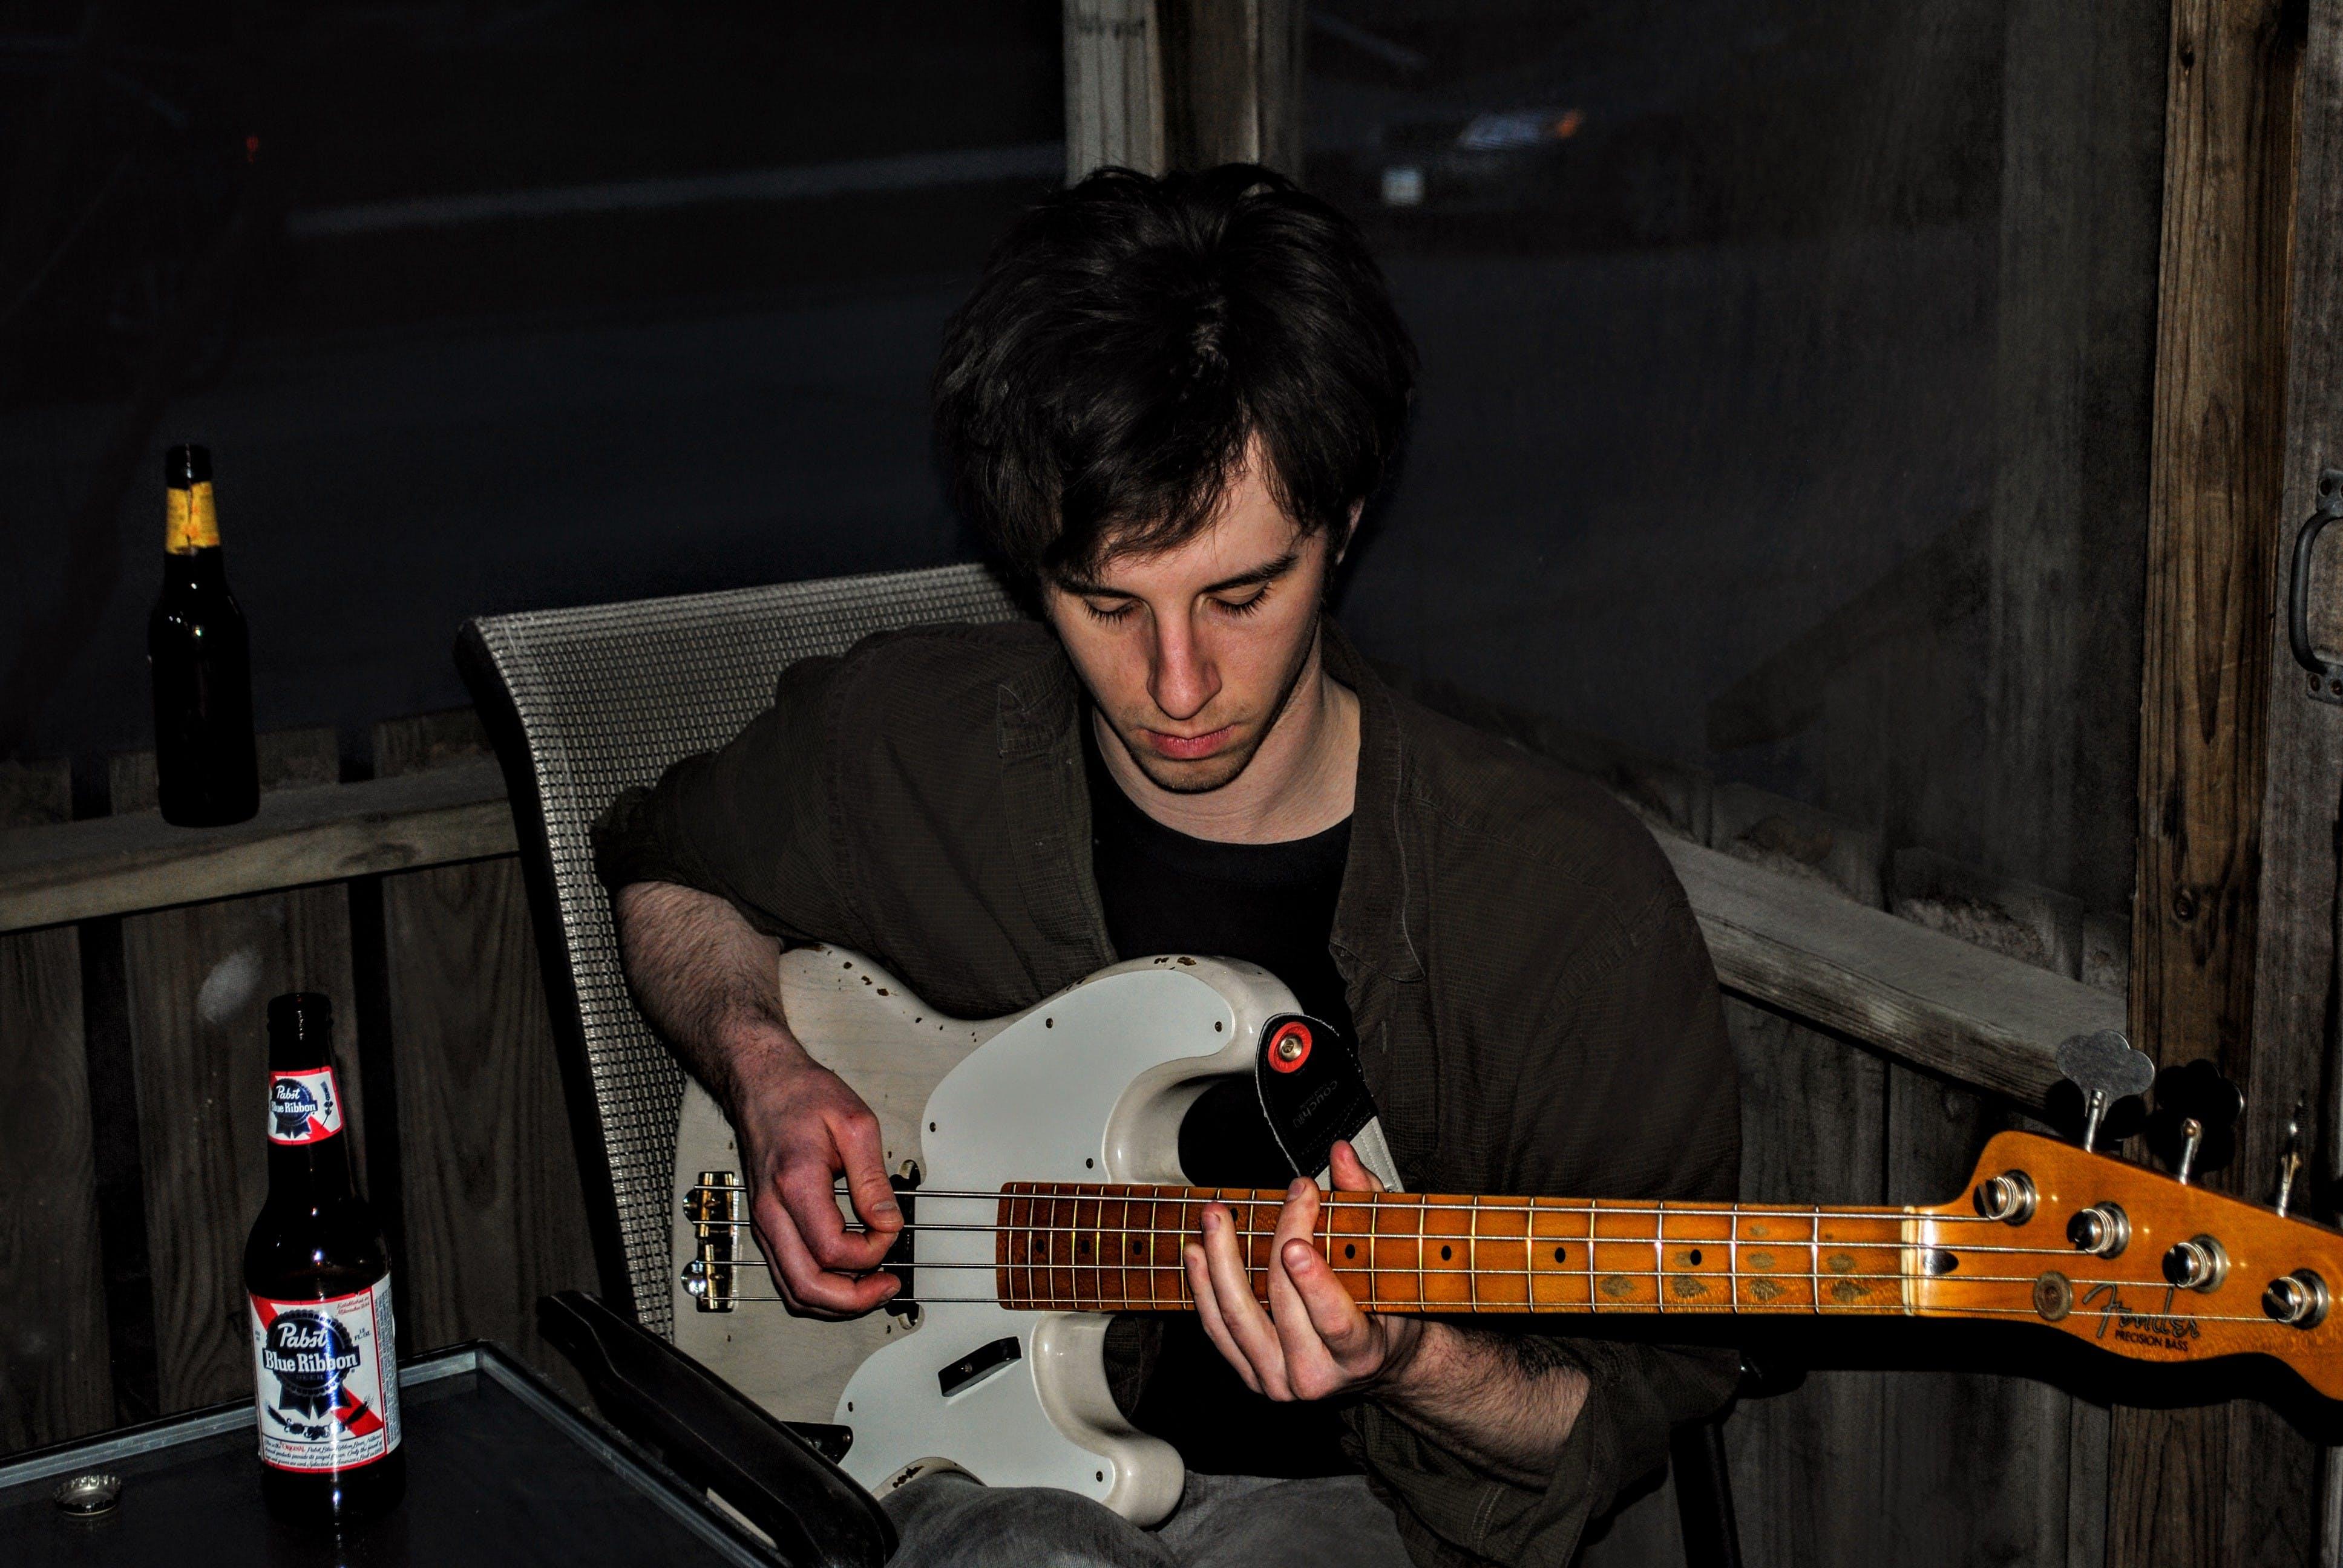 Man Playing White Electric Guitar